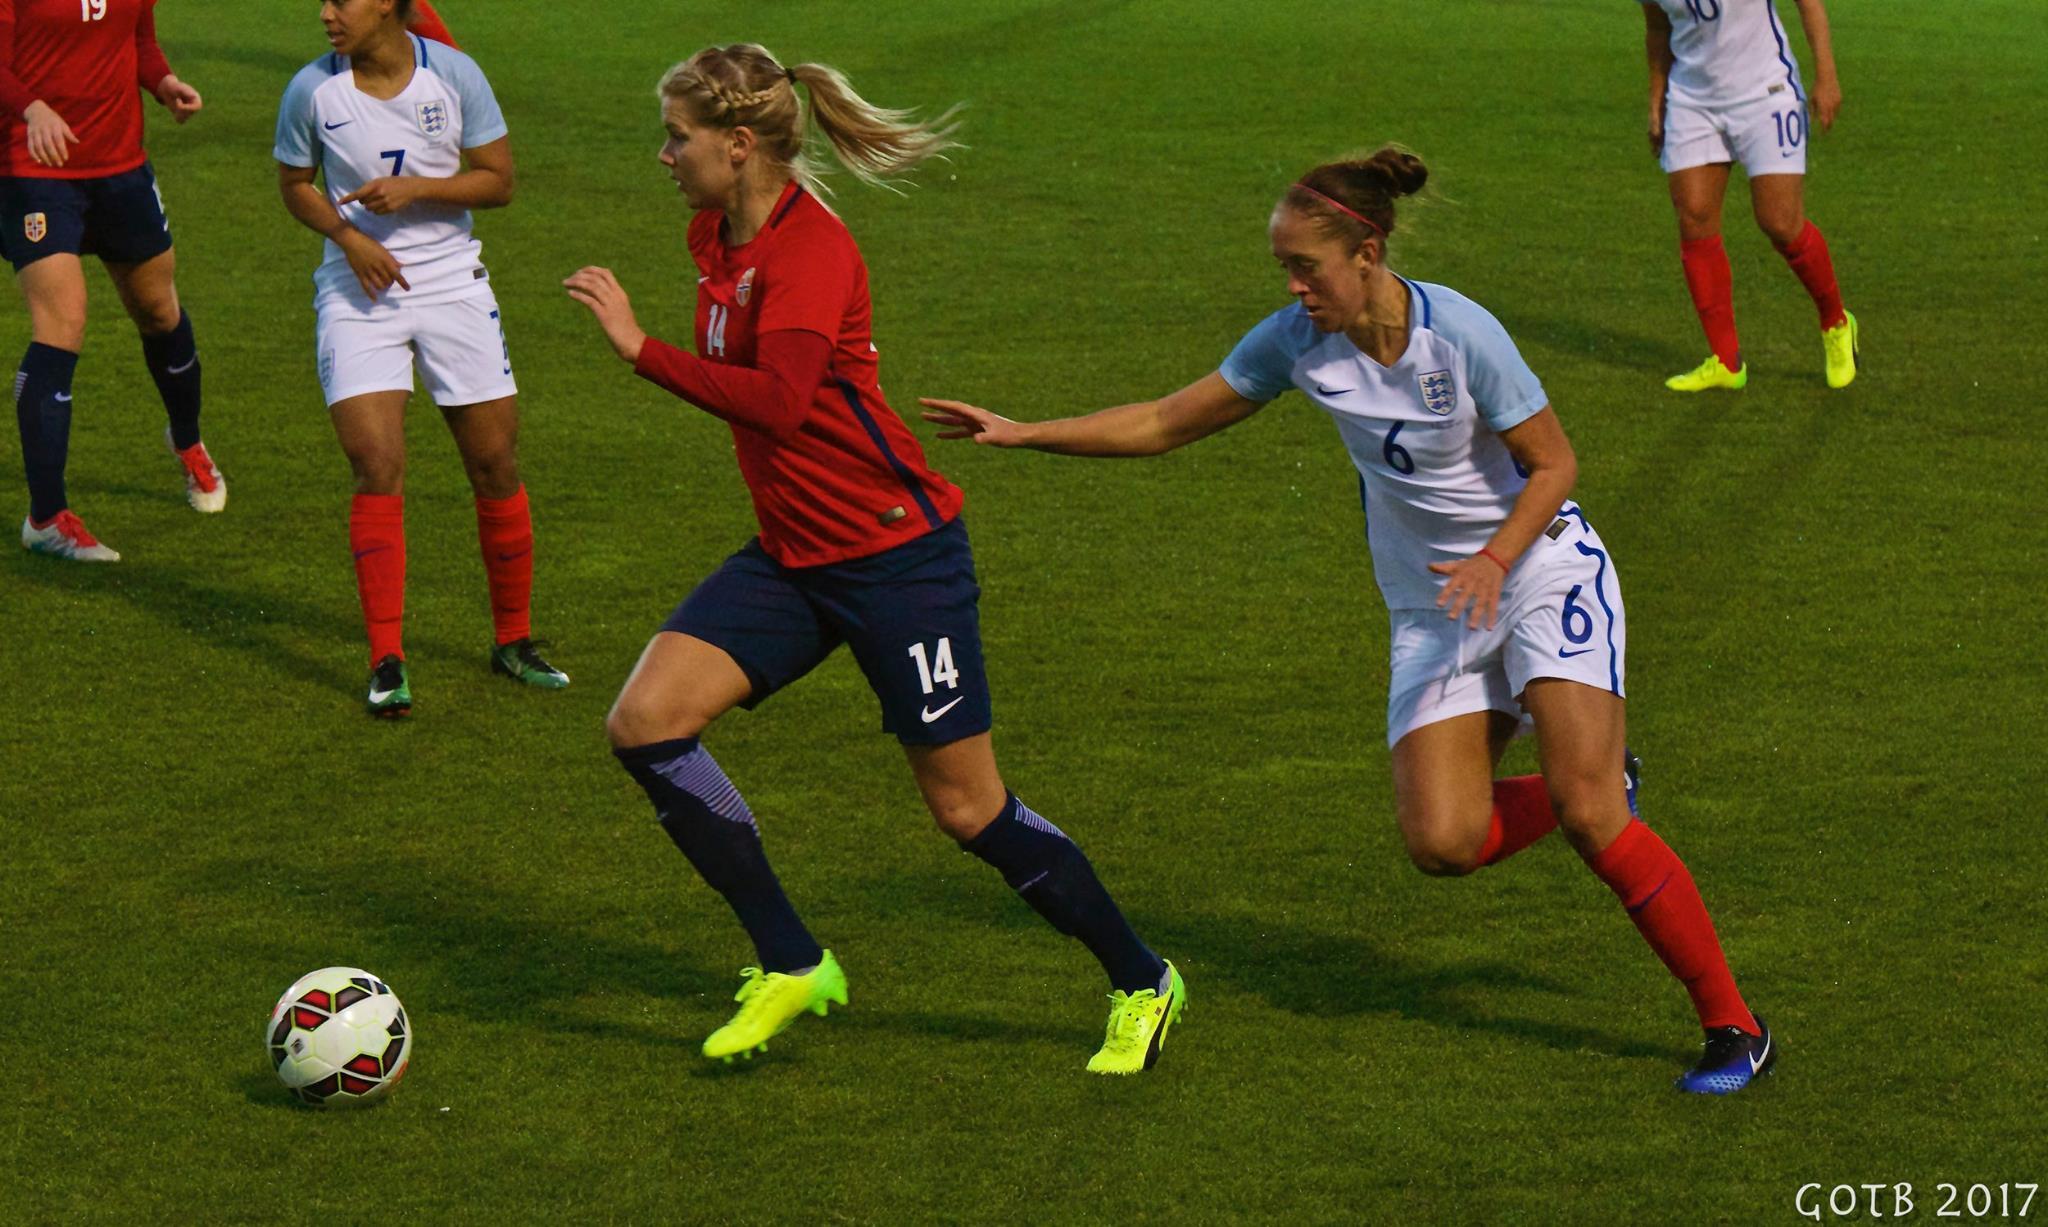 England v Norway, La Manga